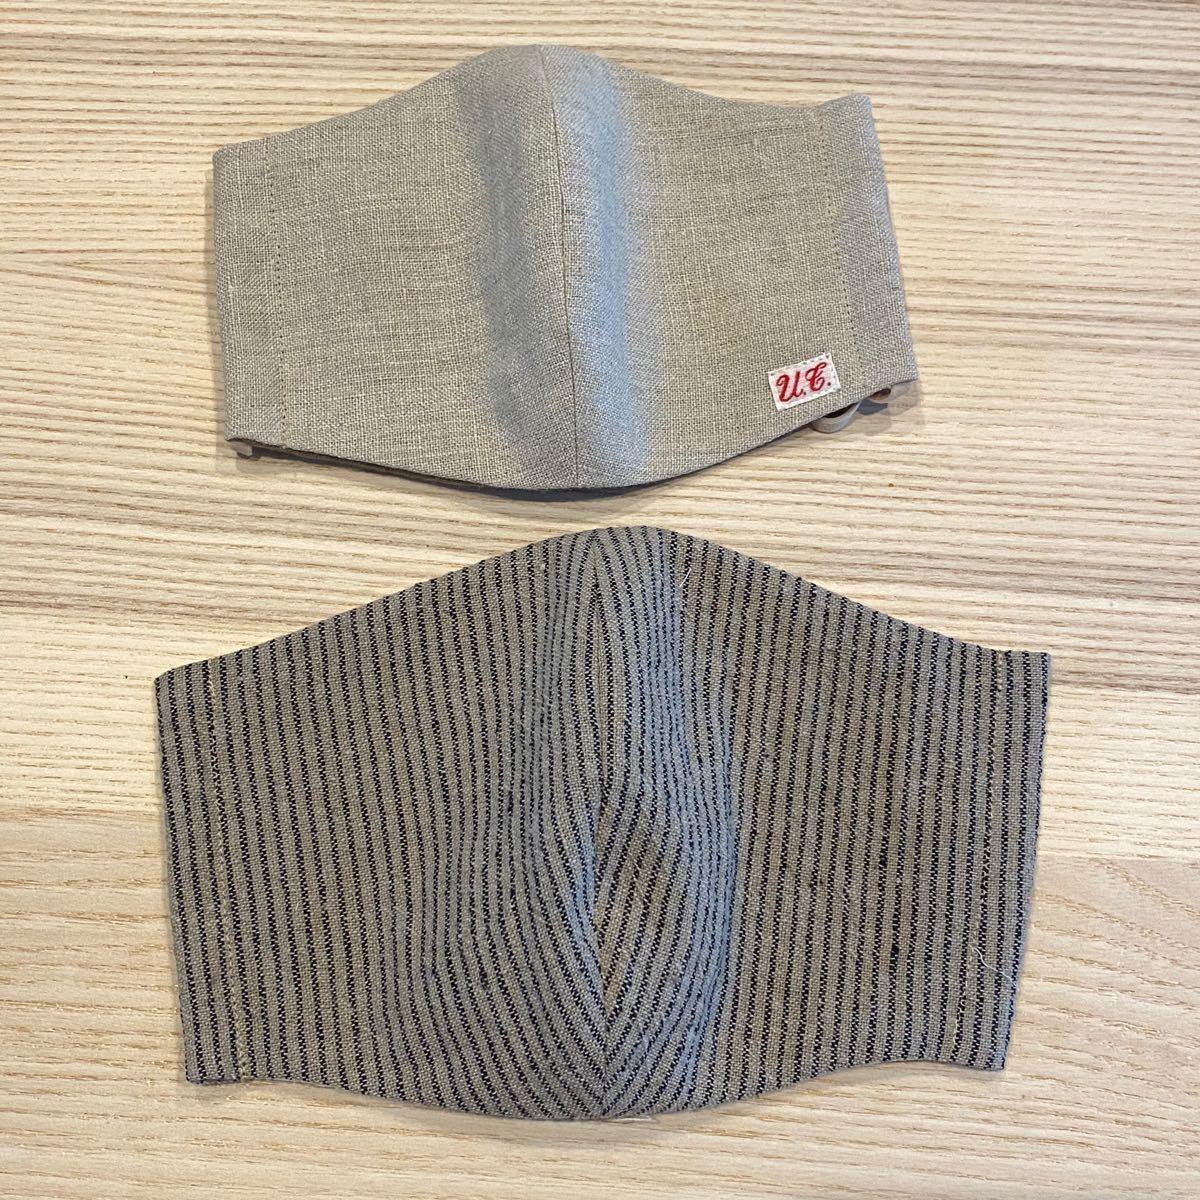 ハンドメイド 立体型インナー インナーマスク 大きめサイズ 男性用 2枚セット ナチュラル ベージュ ゴム付き